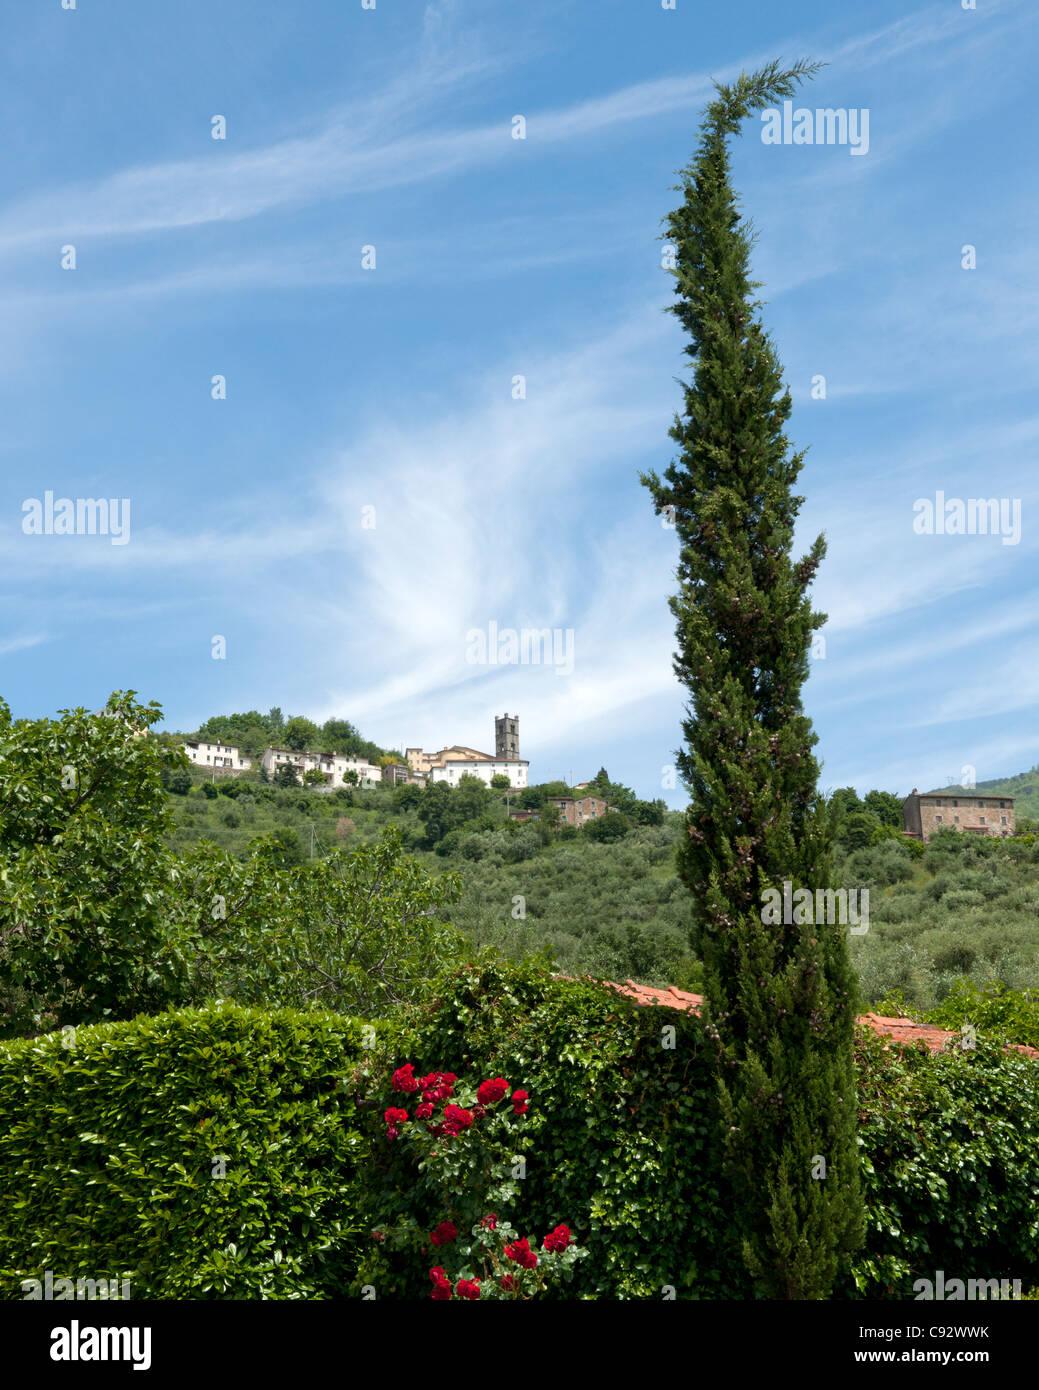 Die Toskana ist berühmt für seine sanften Landschaften kleine Bergdörfer und markante Zypressen. Stockbild